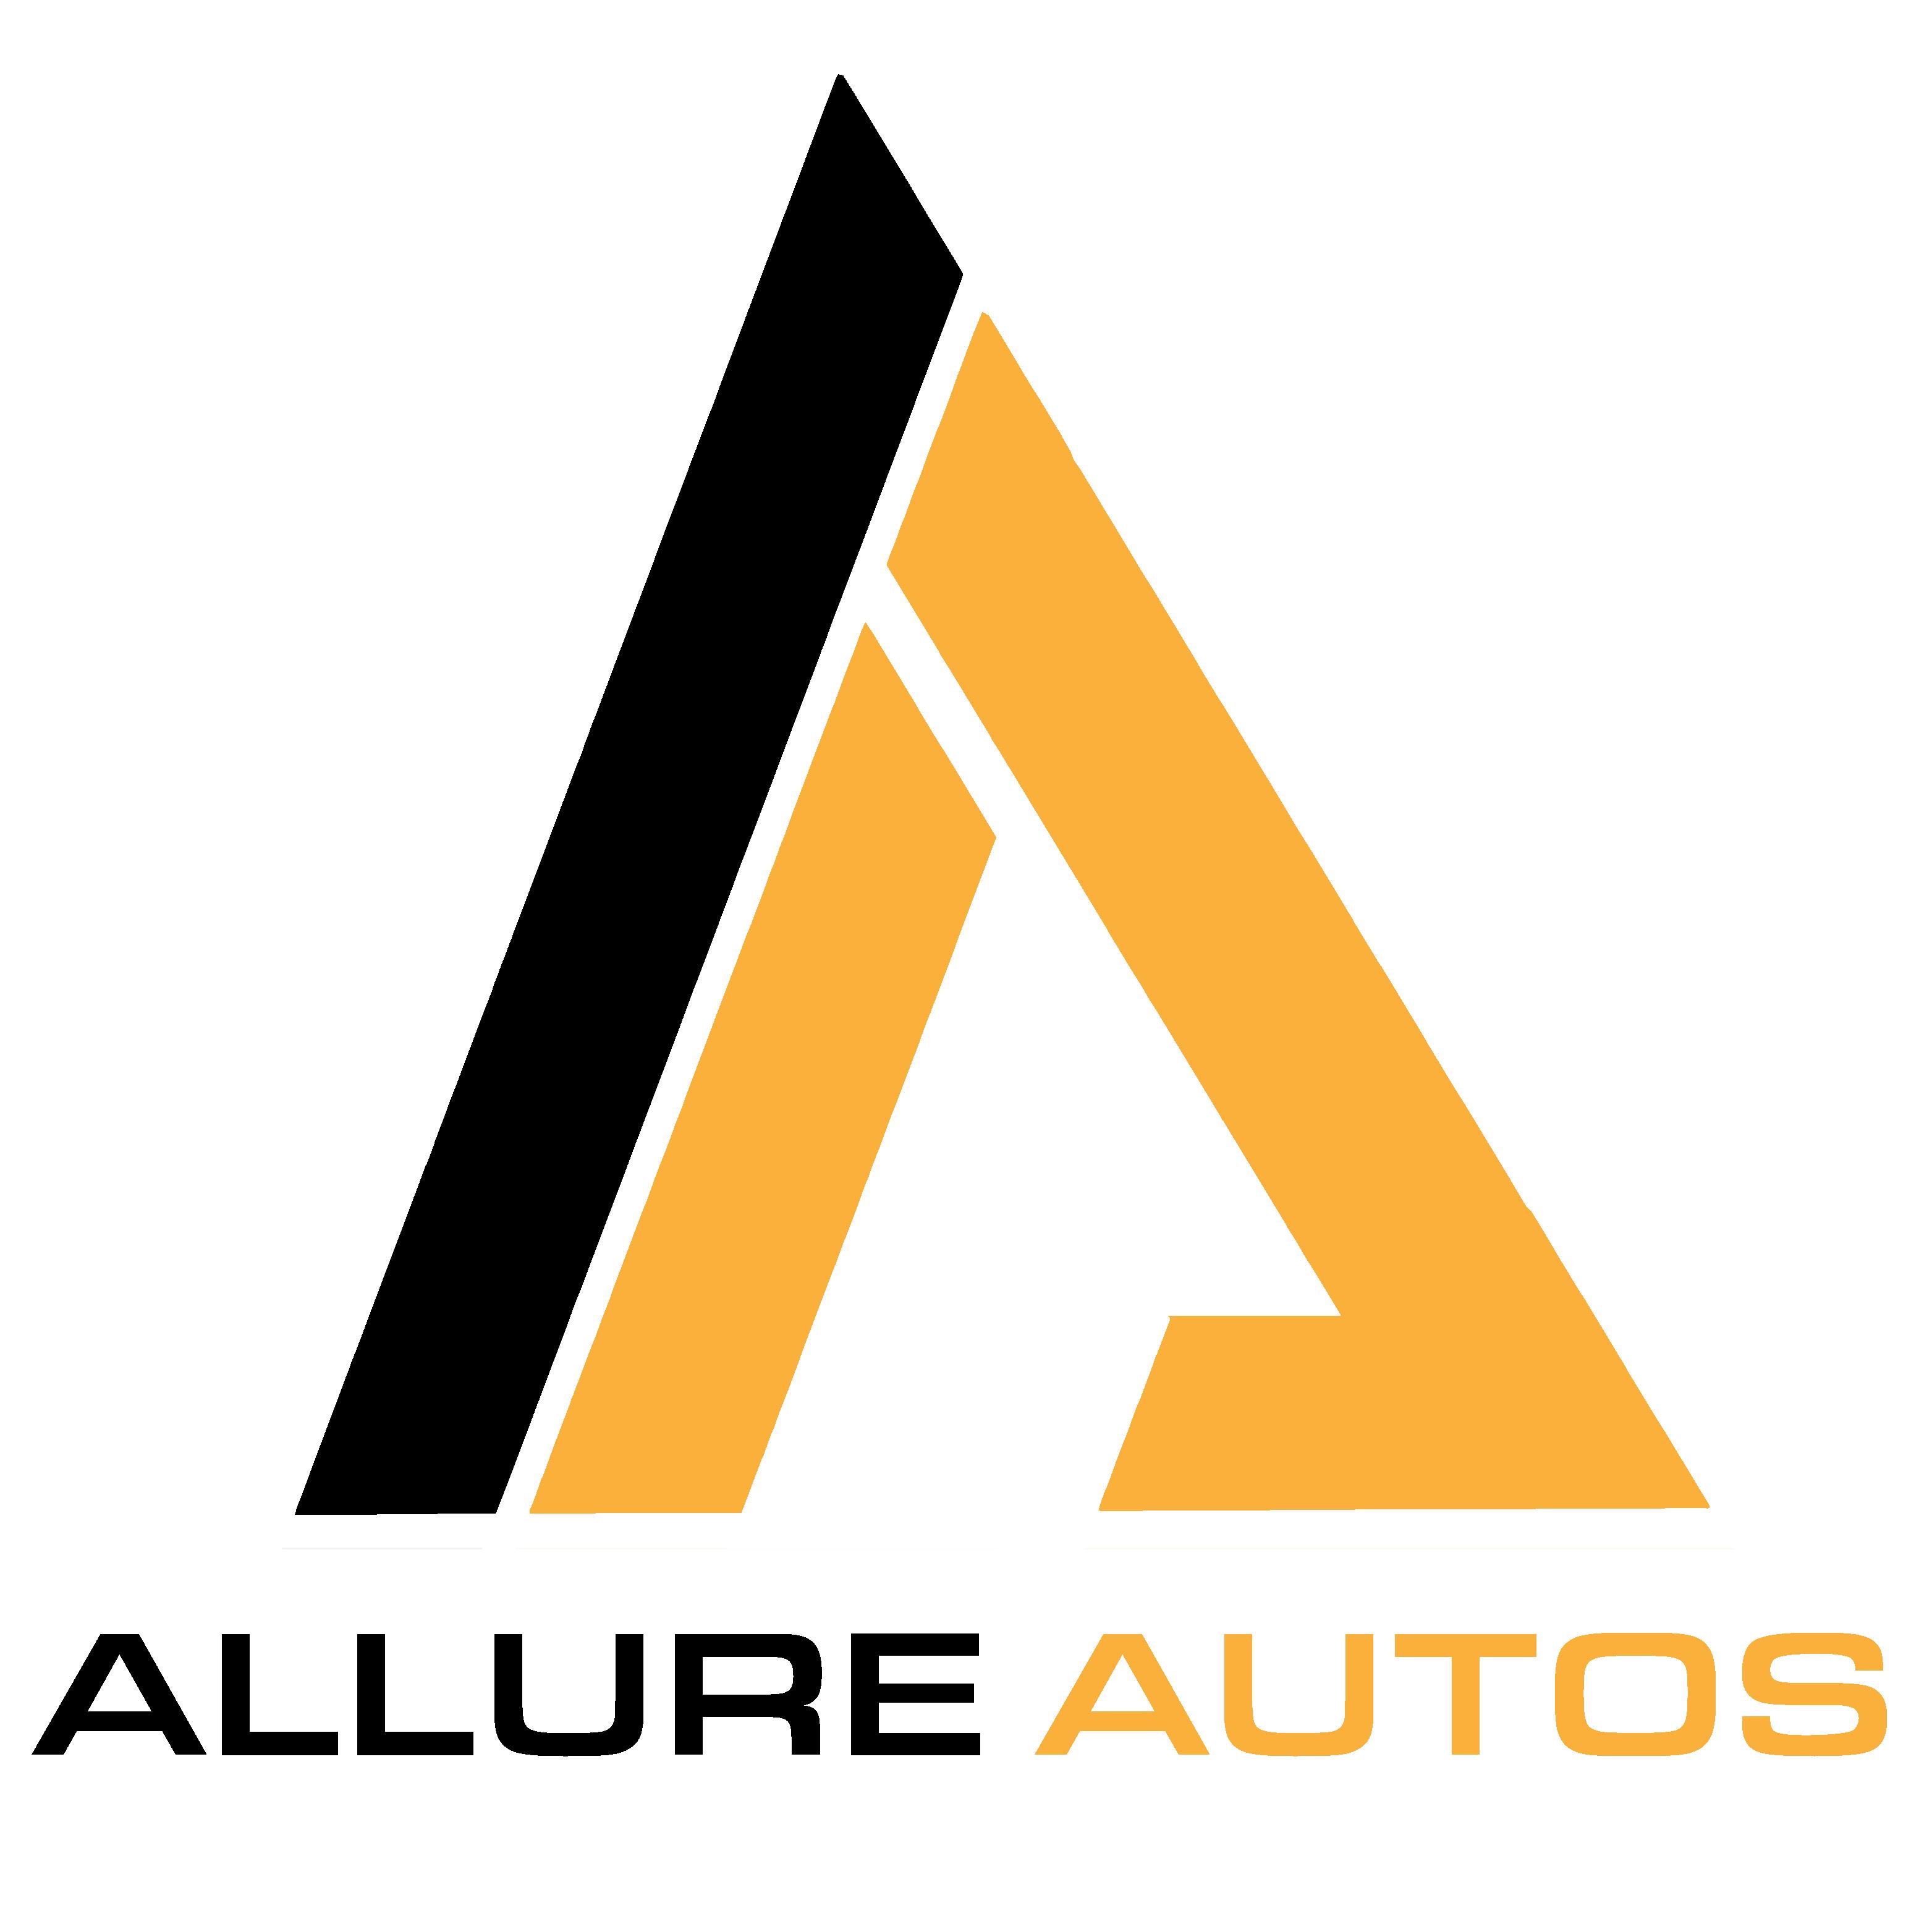 Allure Autos